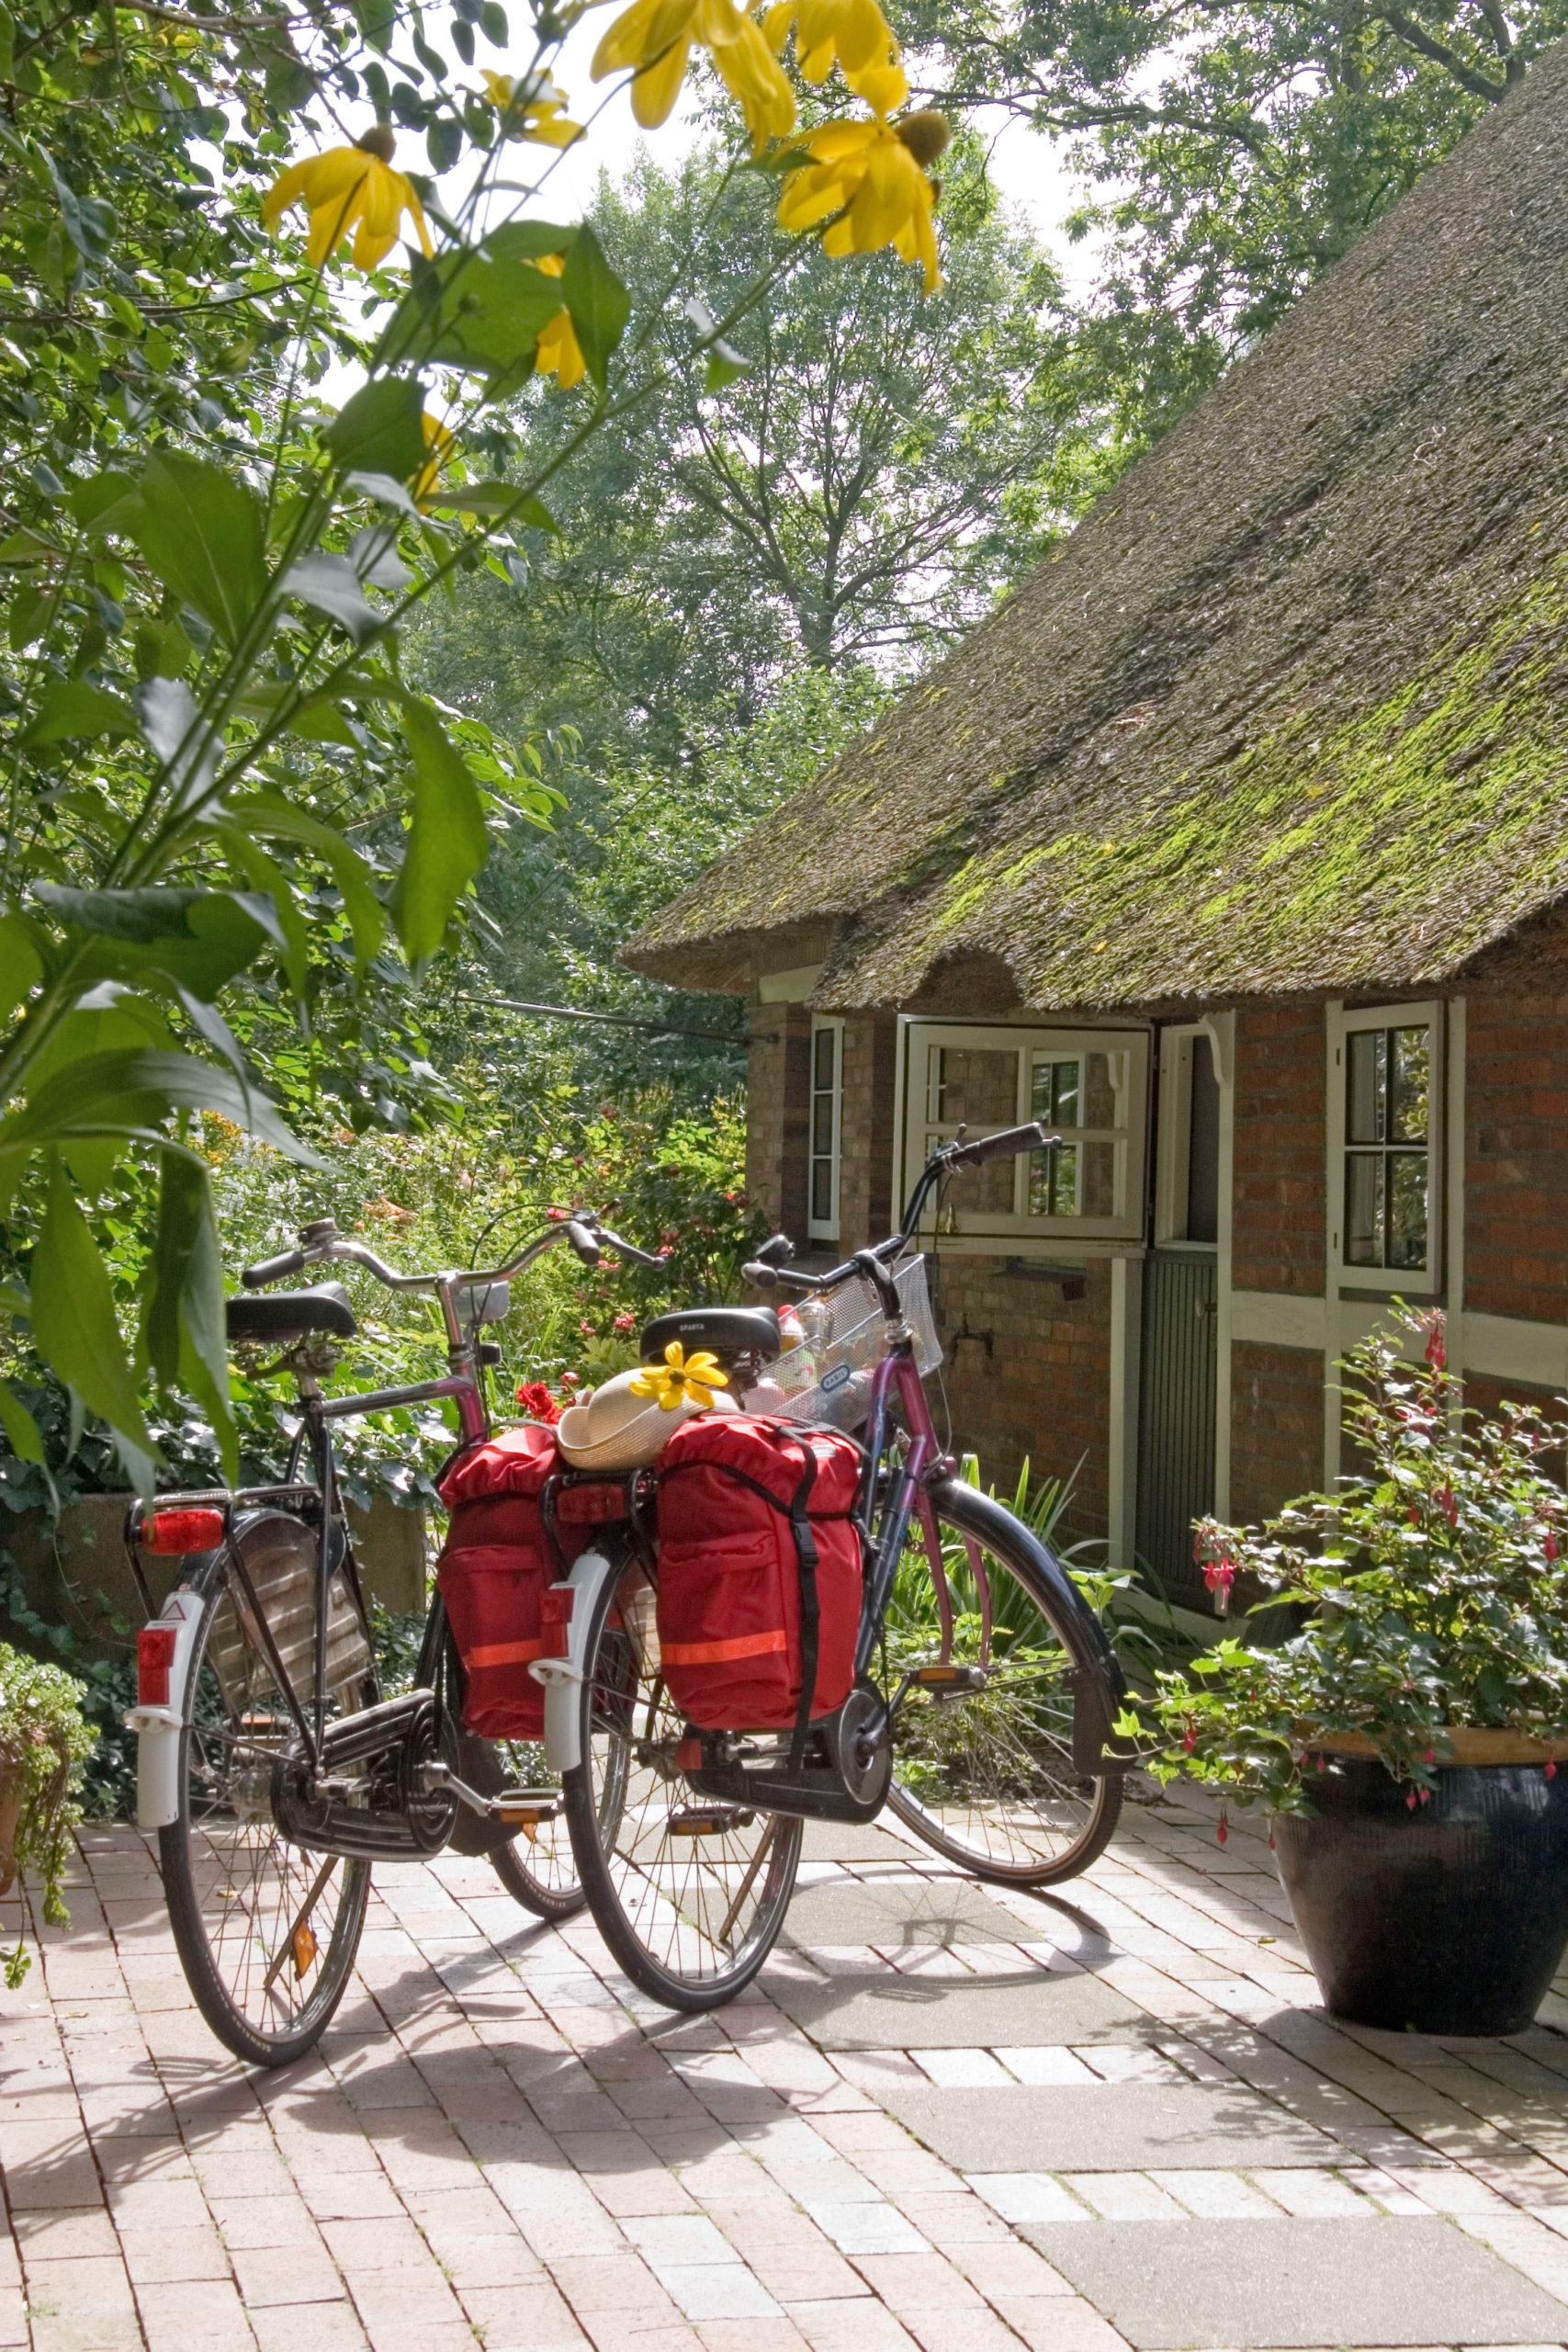 Pause in Kehdingen - Das Alte Land am Elbstrom